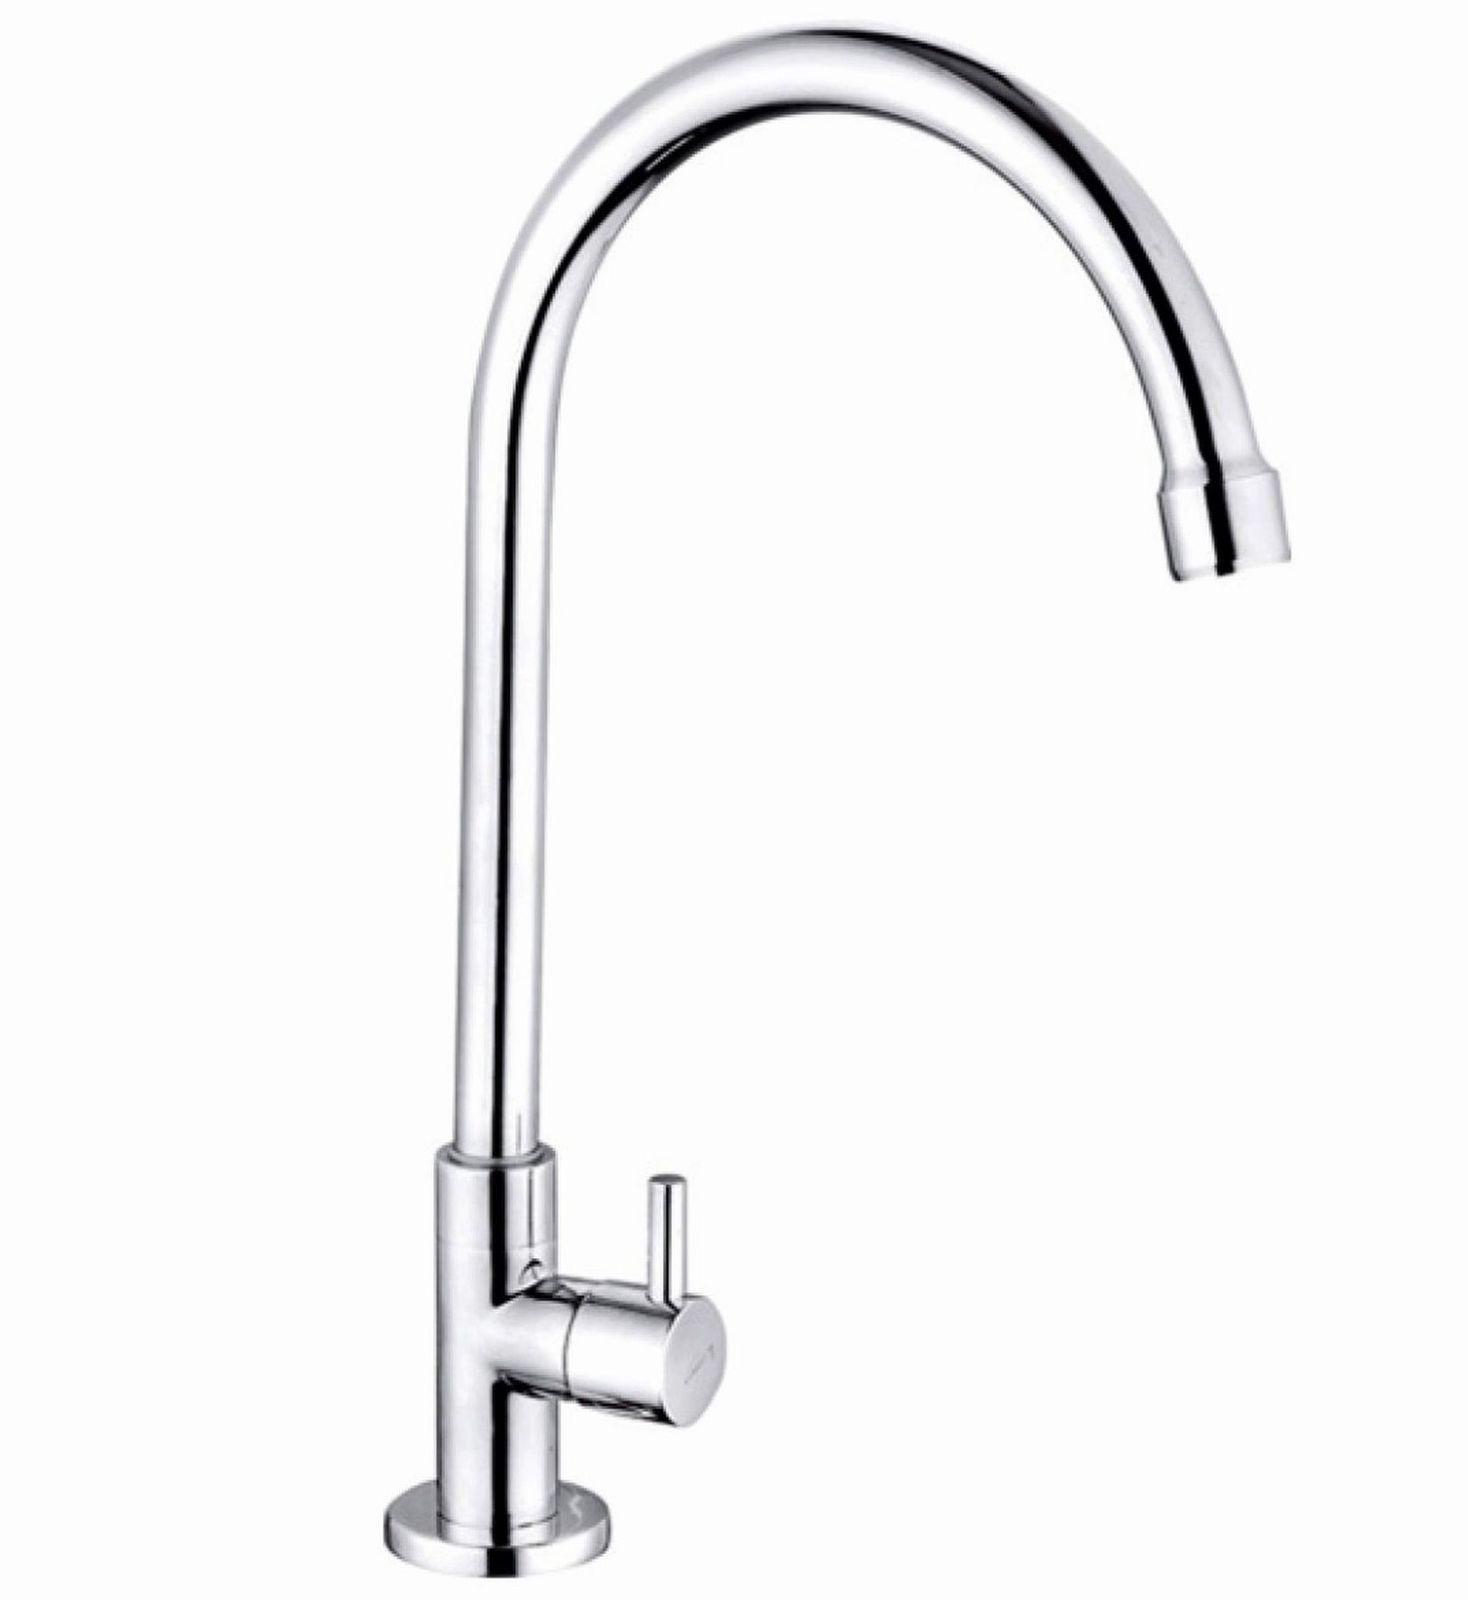 Kaltwasser Armatur Küche   Armatur Küche Sensor